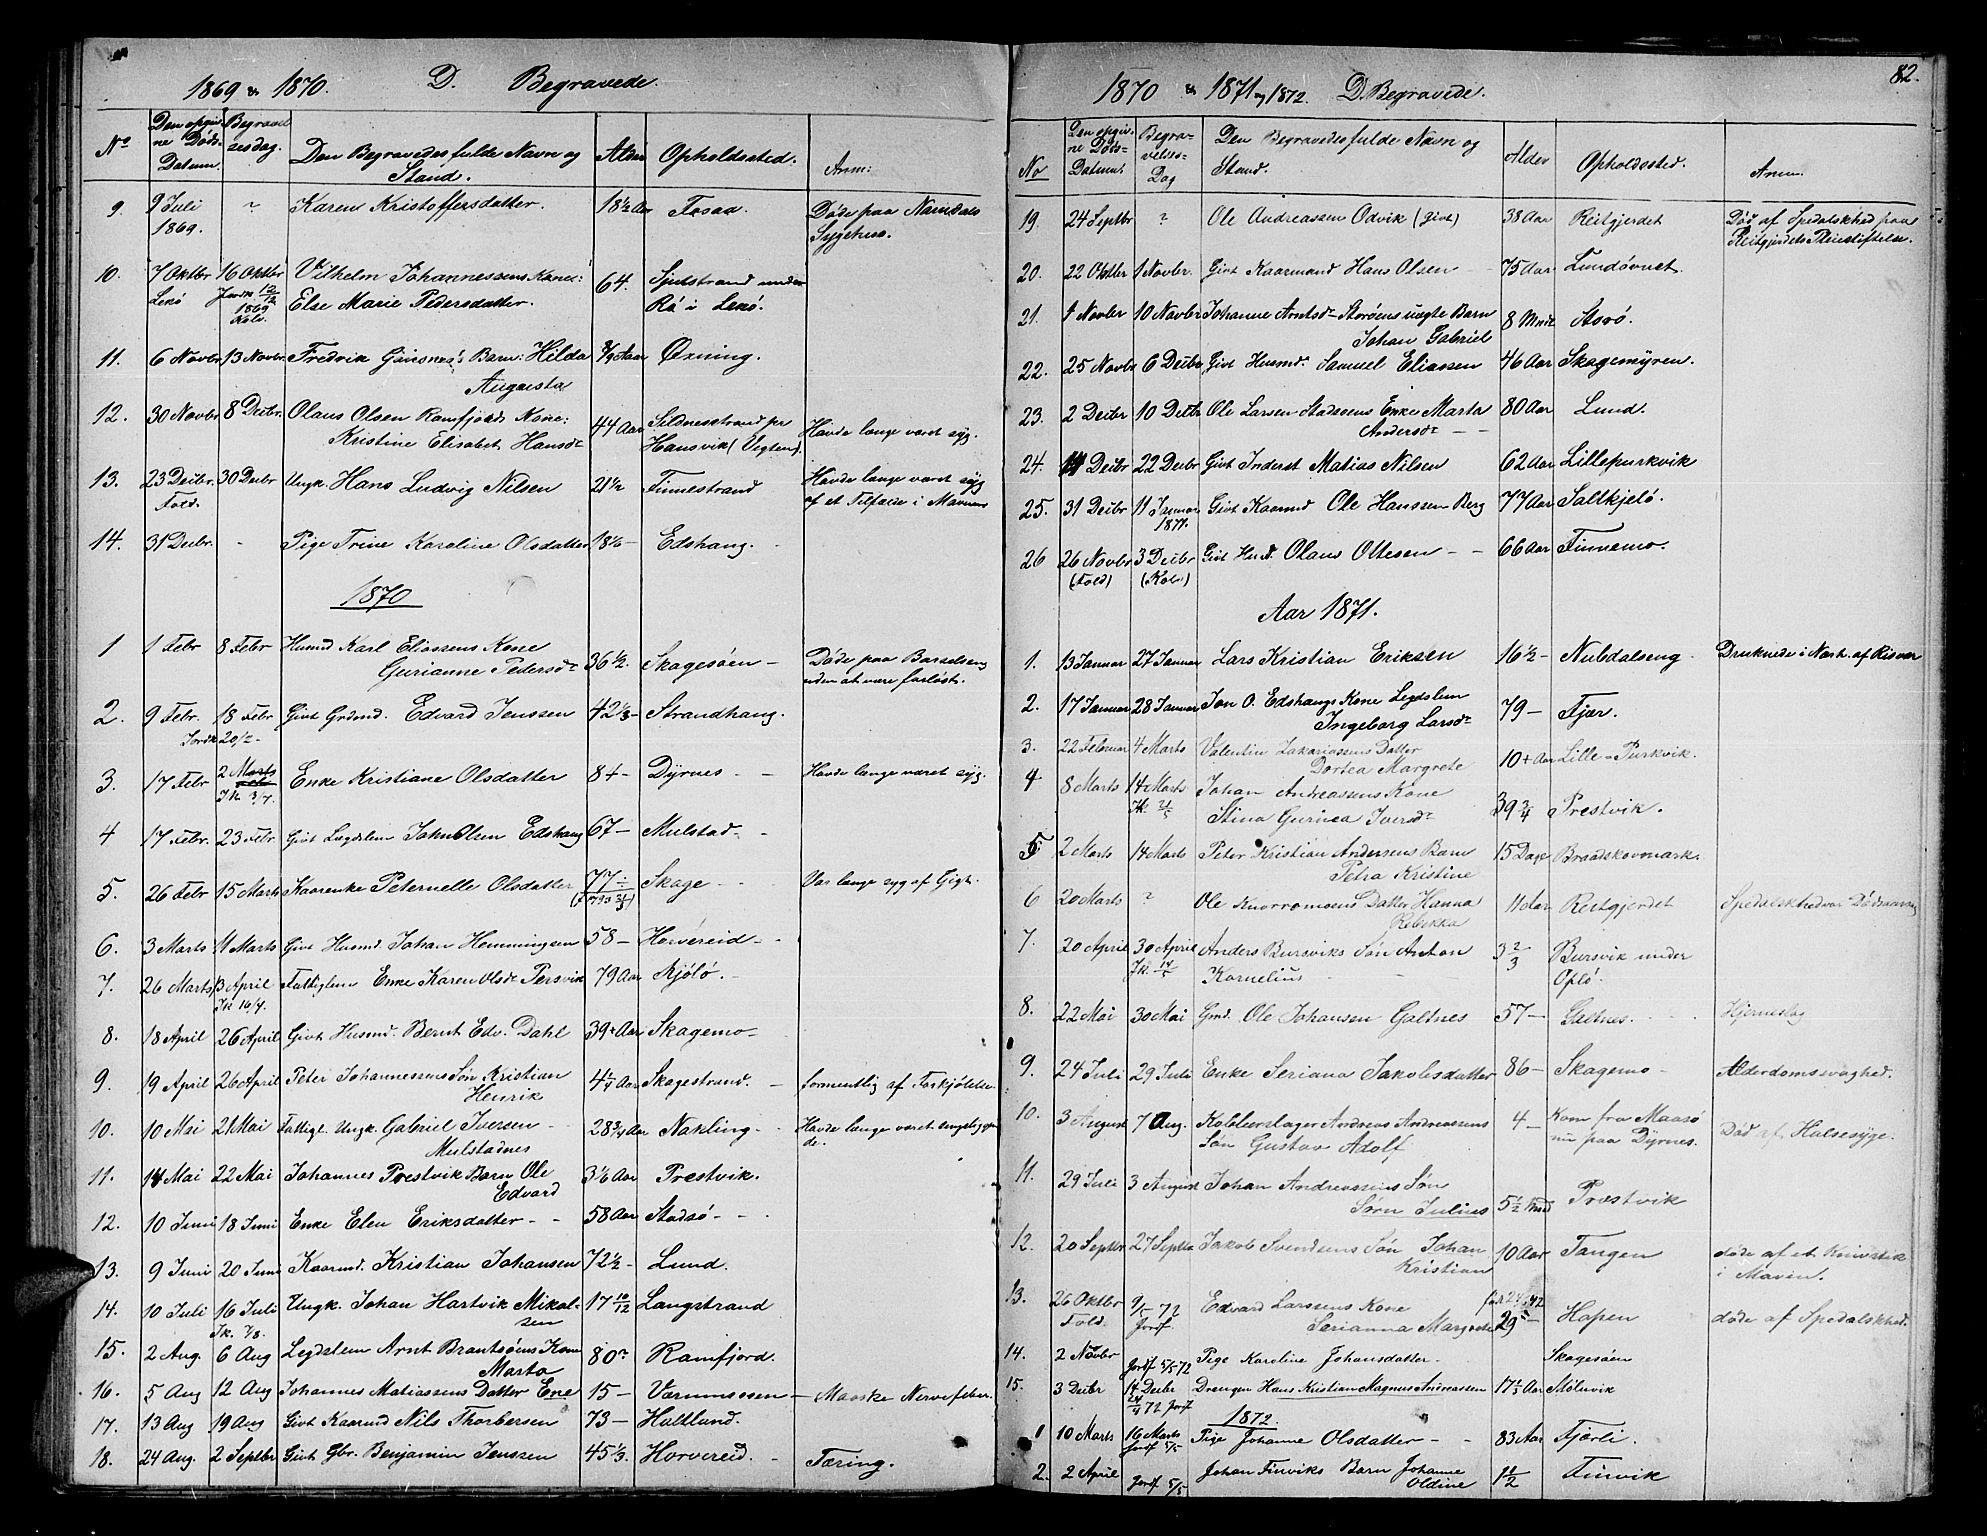 SAT, Ministerialprotokoller, klokkerbøker og fødselsregistre - Nord-Trøndelag, 780/L0650: Klokkerbok nr. 780C02, 1866-1884, s. 82